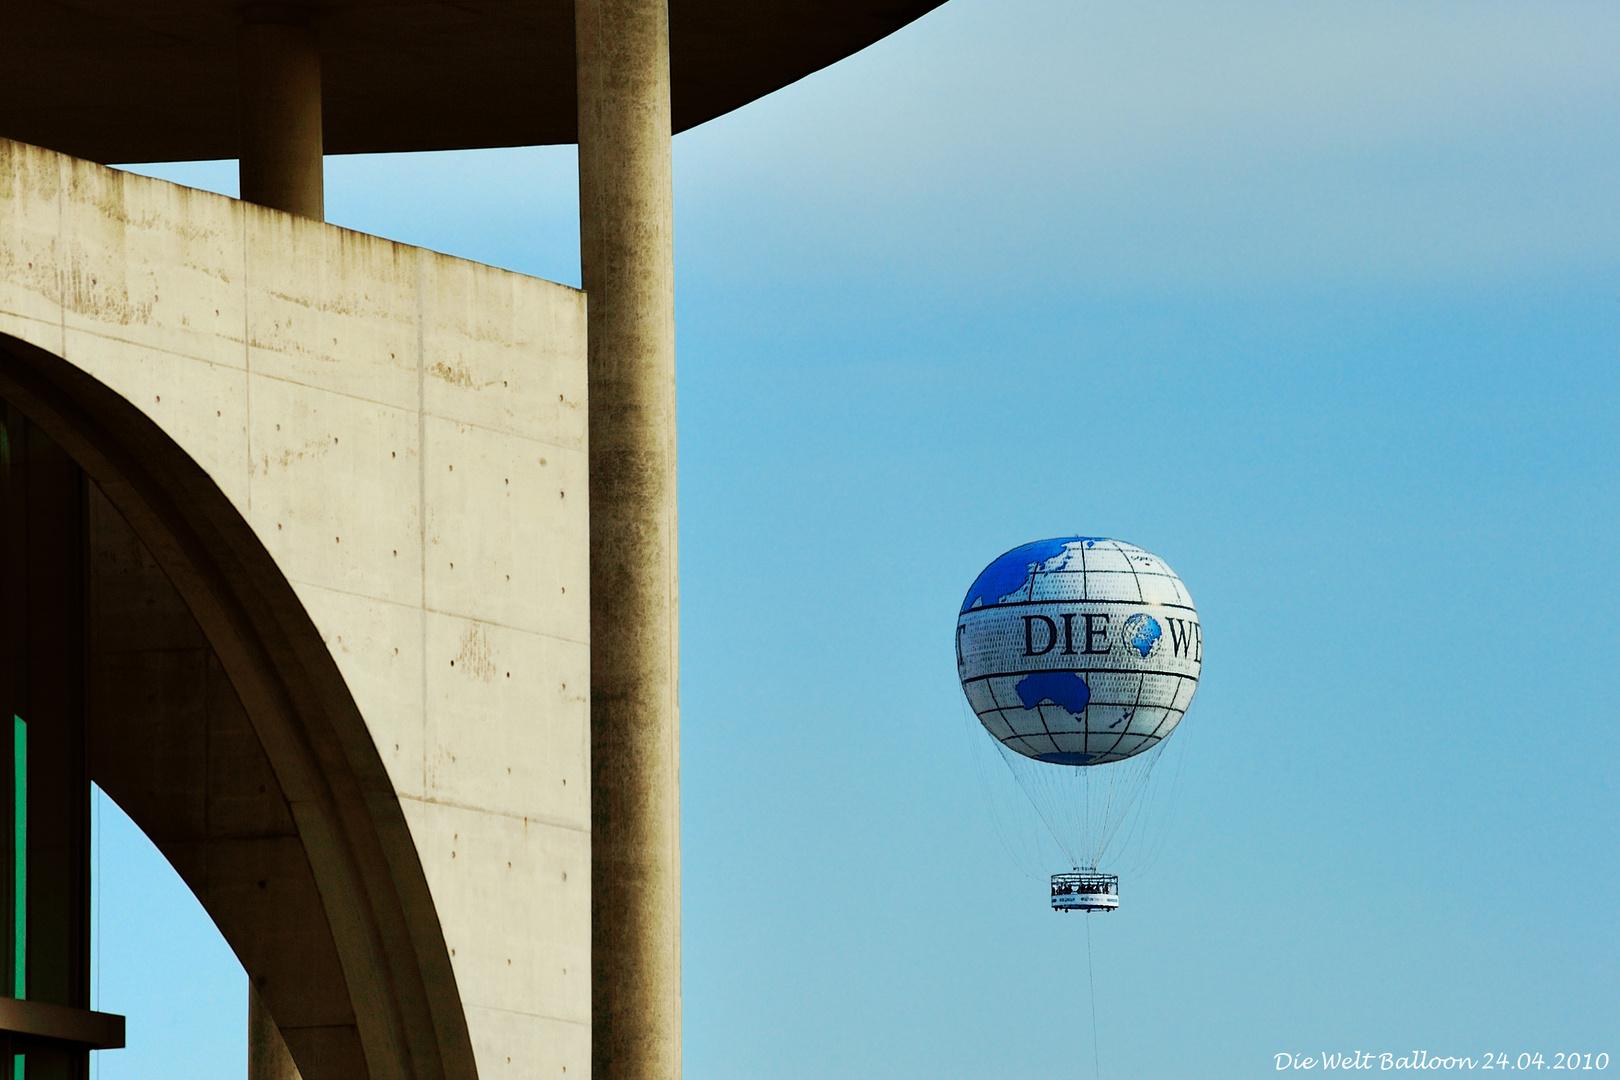 Die Welt Balloon (24.04.2010)